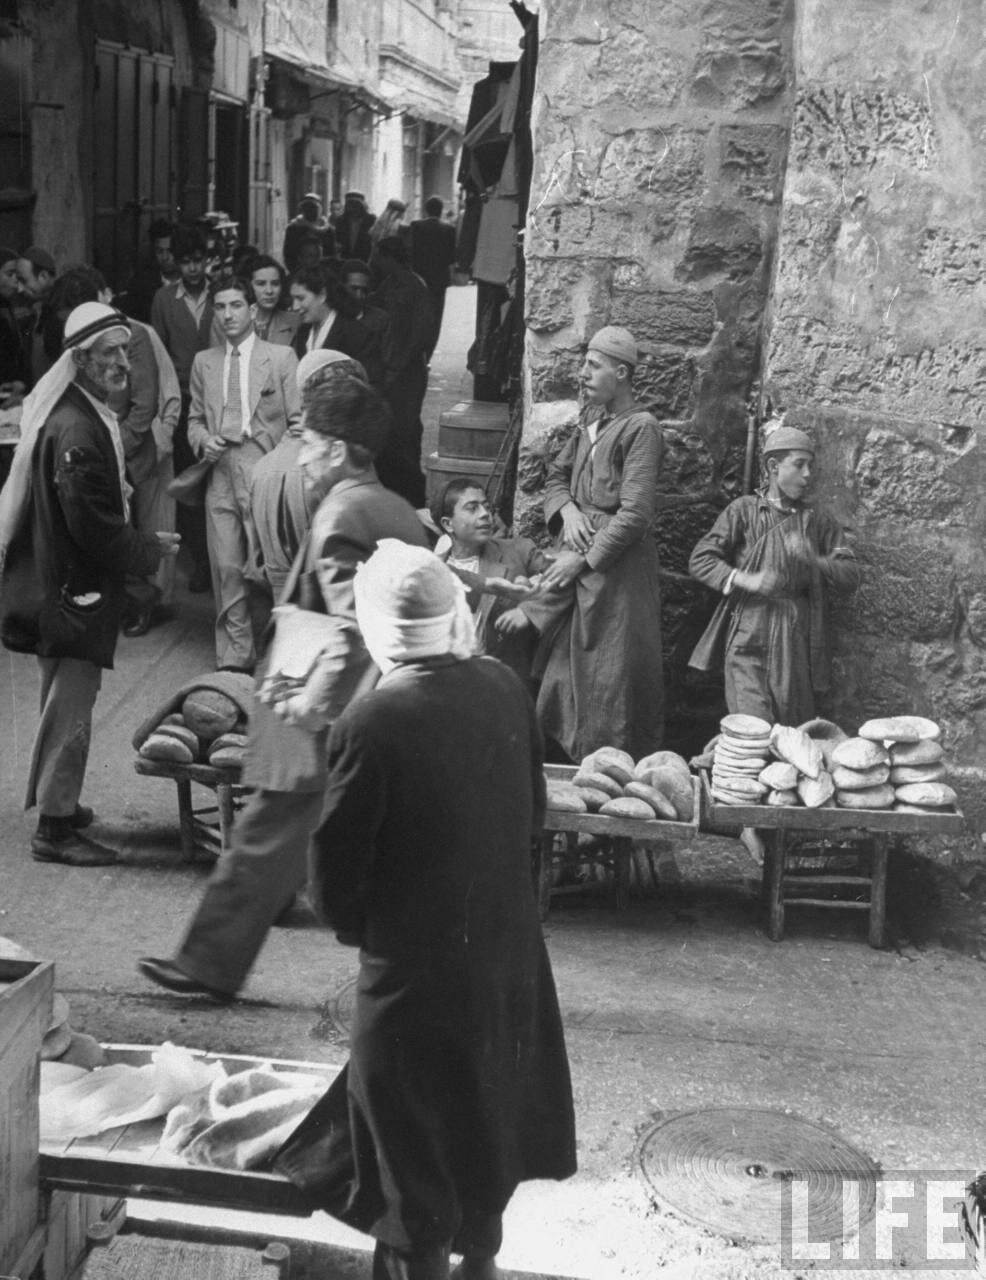 1949. Хлеб и мясо продаются на открытом воздухе на улице в старой части Иерусалима